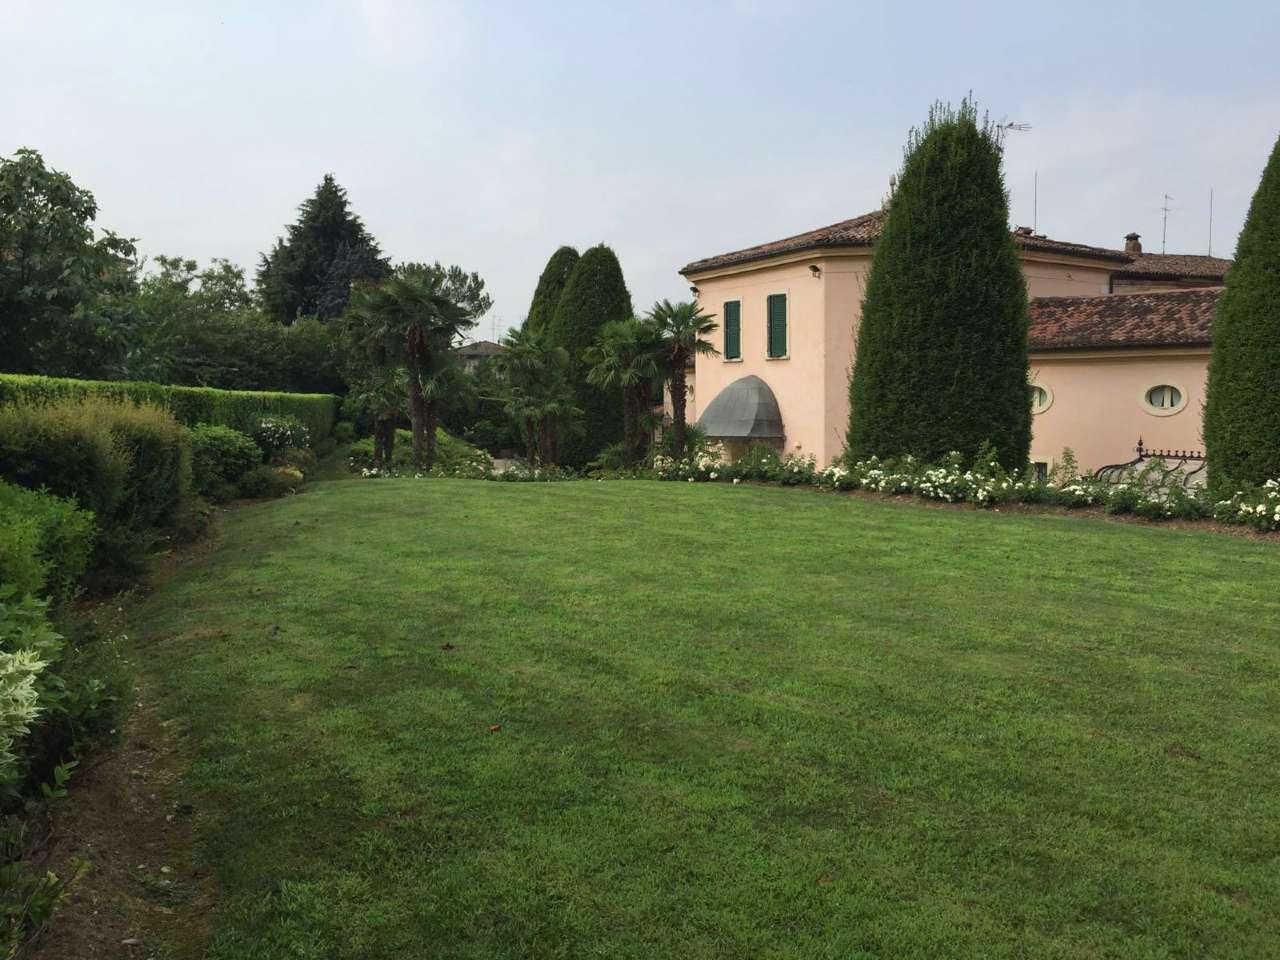 Villa in vendita a Cellatica, 8 locali, Trattative riservate | Cambio Casa.it